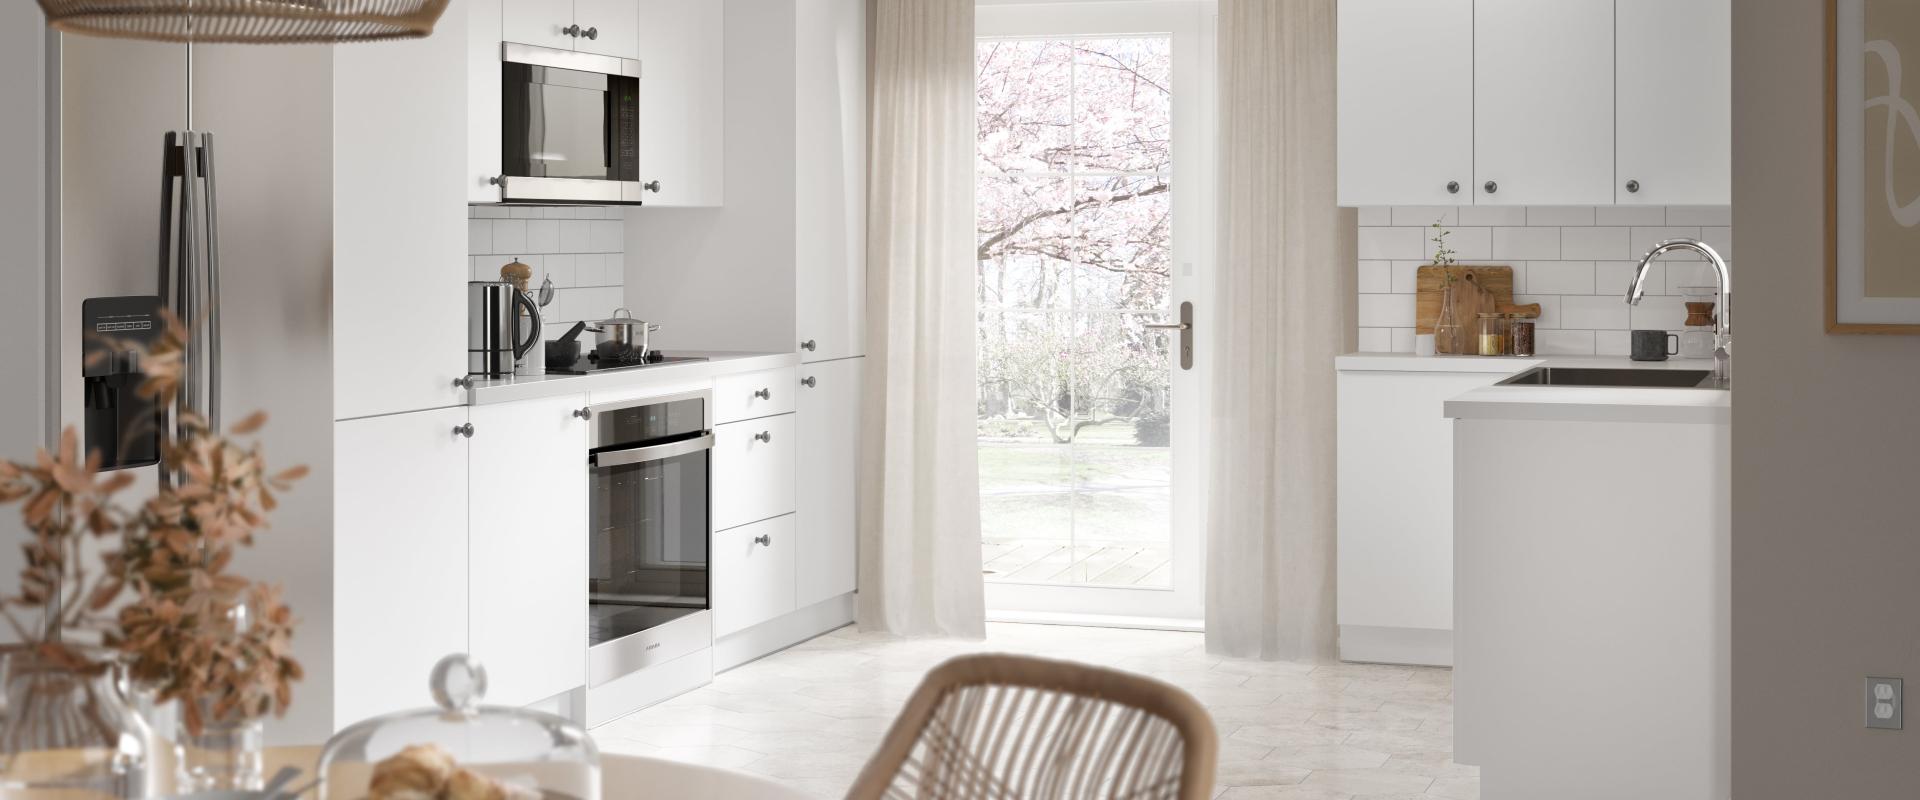 Slab Kitchen in White